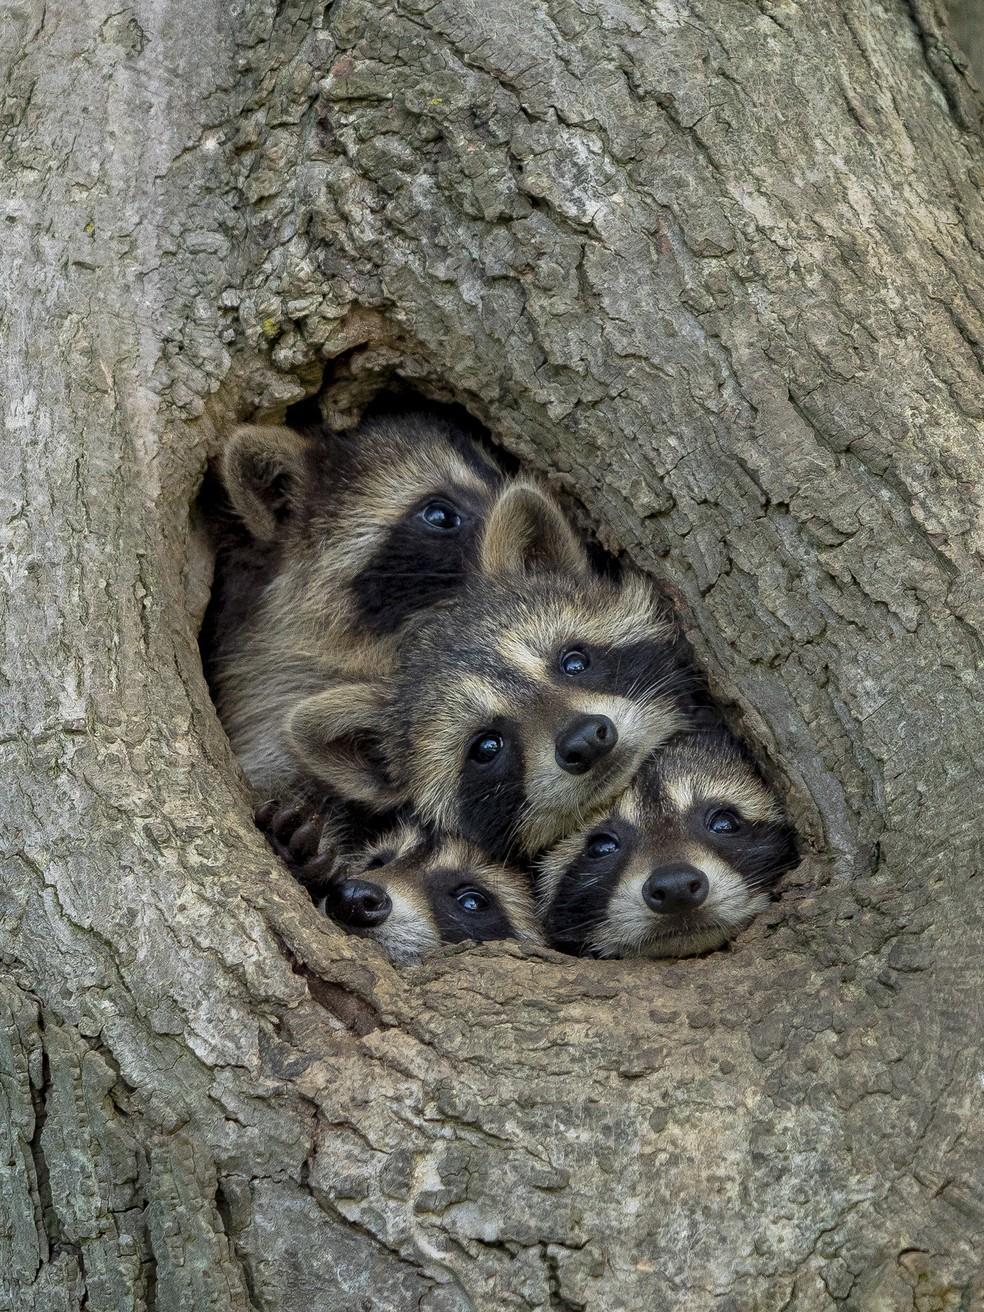 'Vida na quarentena': foto feita por Kevin Biskaborn em Ontário, no Canadá, mostra quatro guaxinins apertados dentro de um buraco em uma árvore. A foto foi intitulada 'vida na quarentena'. — Foto: © Kevin Biskaborn /Comedywildlifephoto.com